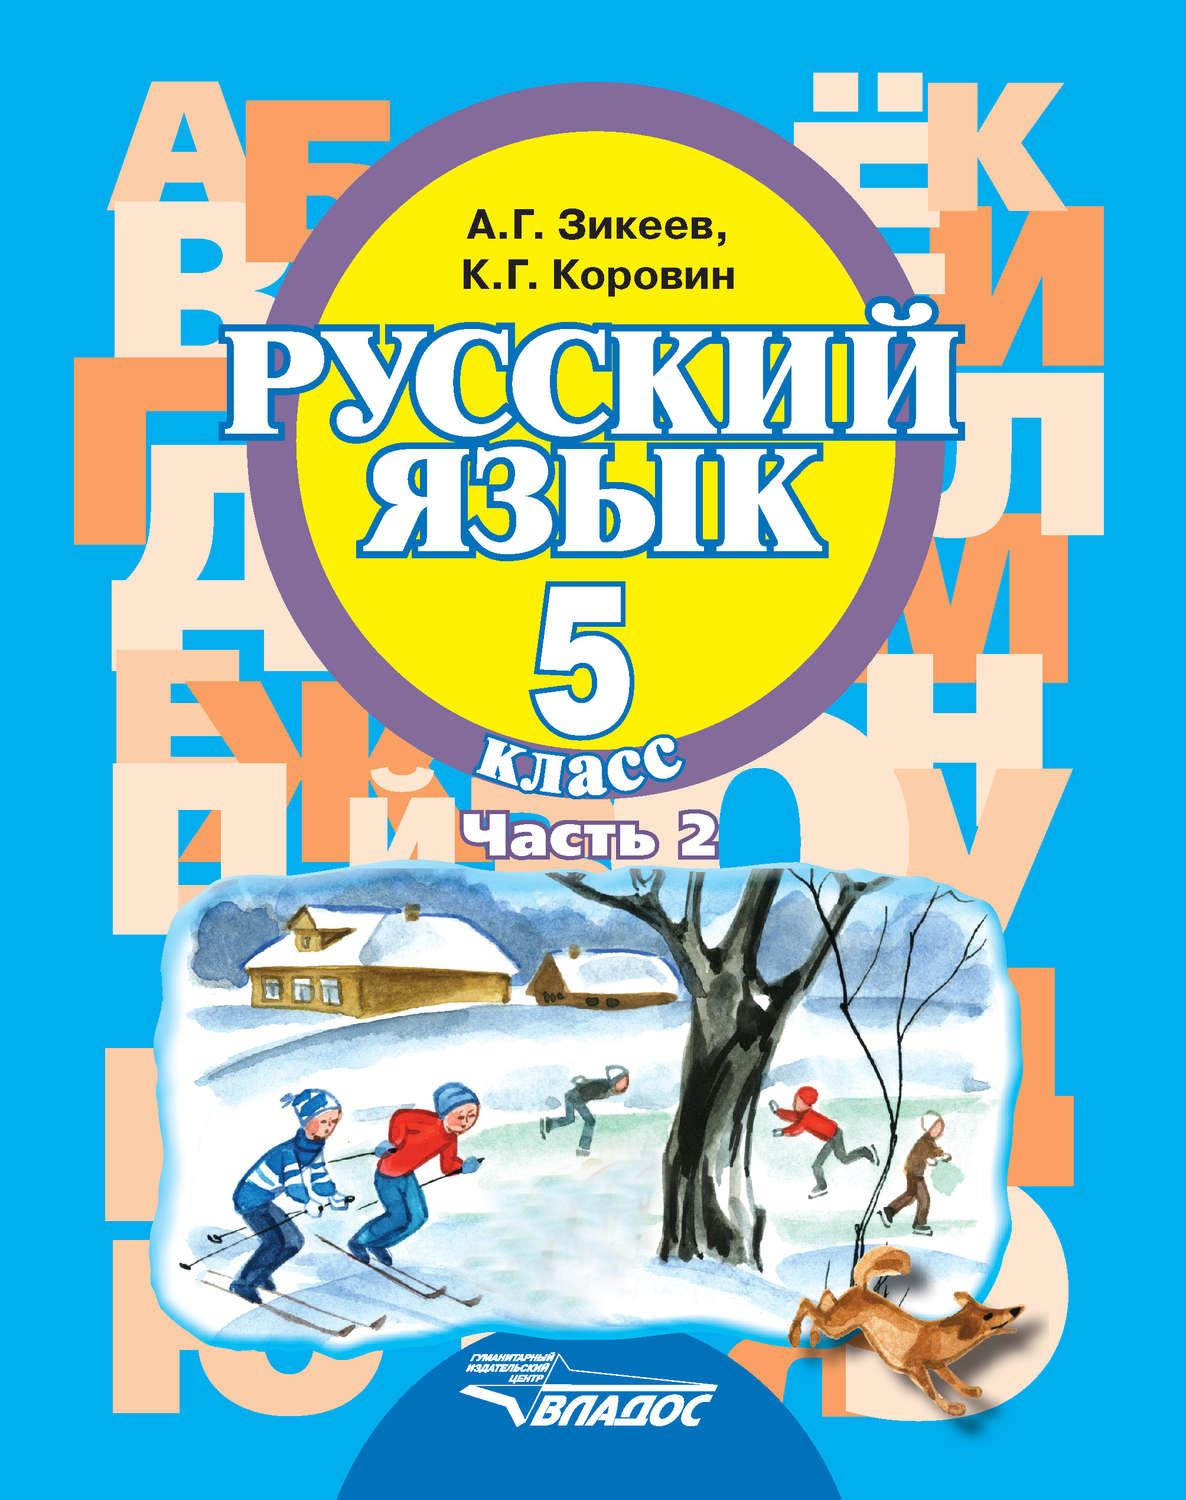 Книги 1 класс часть вторая